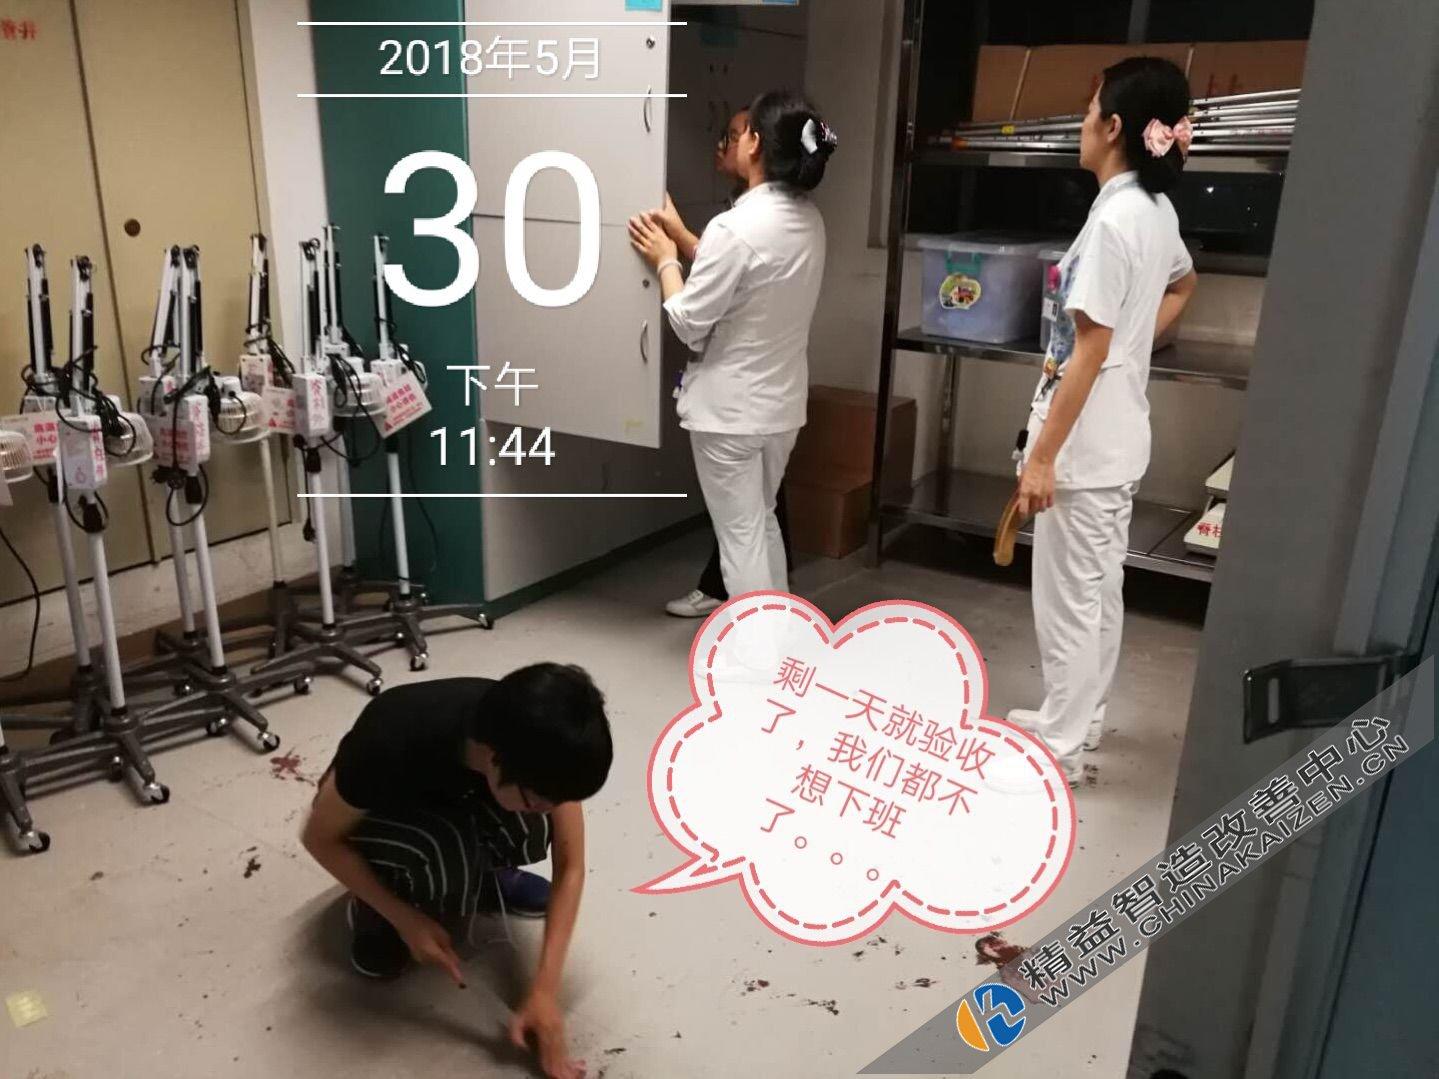 6S精益管理——脊柱外科紧锣密鼓的进行中